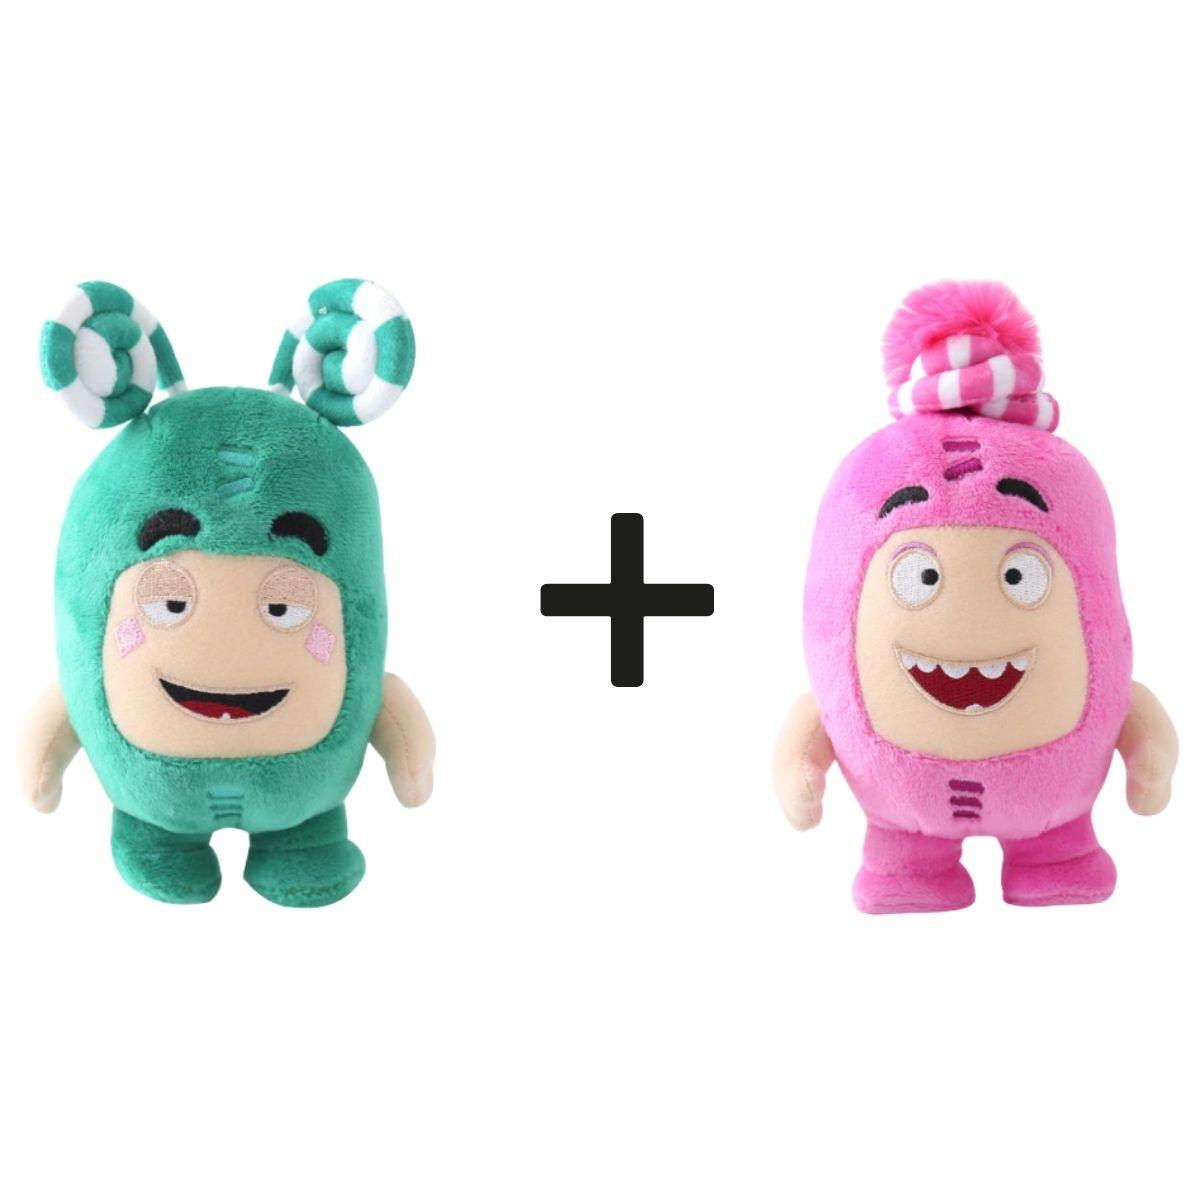 Kit com 2 Bonecos de Pelúcia Oddbods - 1 Verde e 1 Rosa  - Game Land Brinquedos